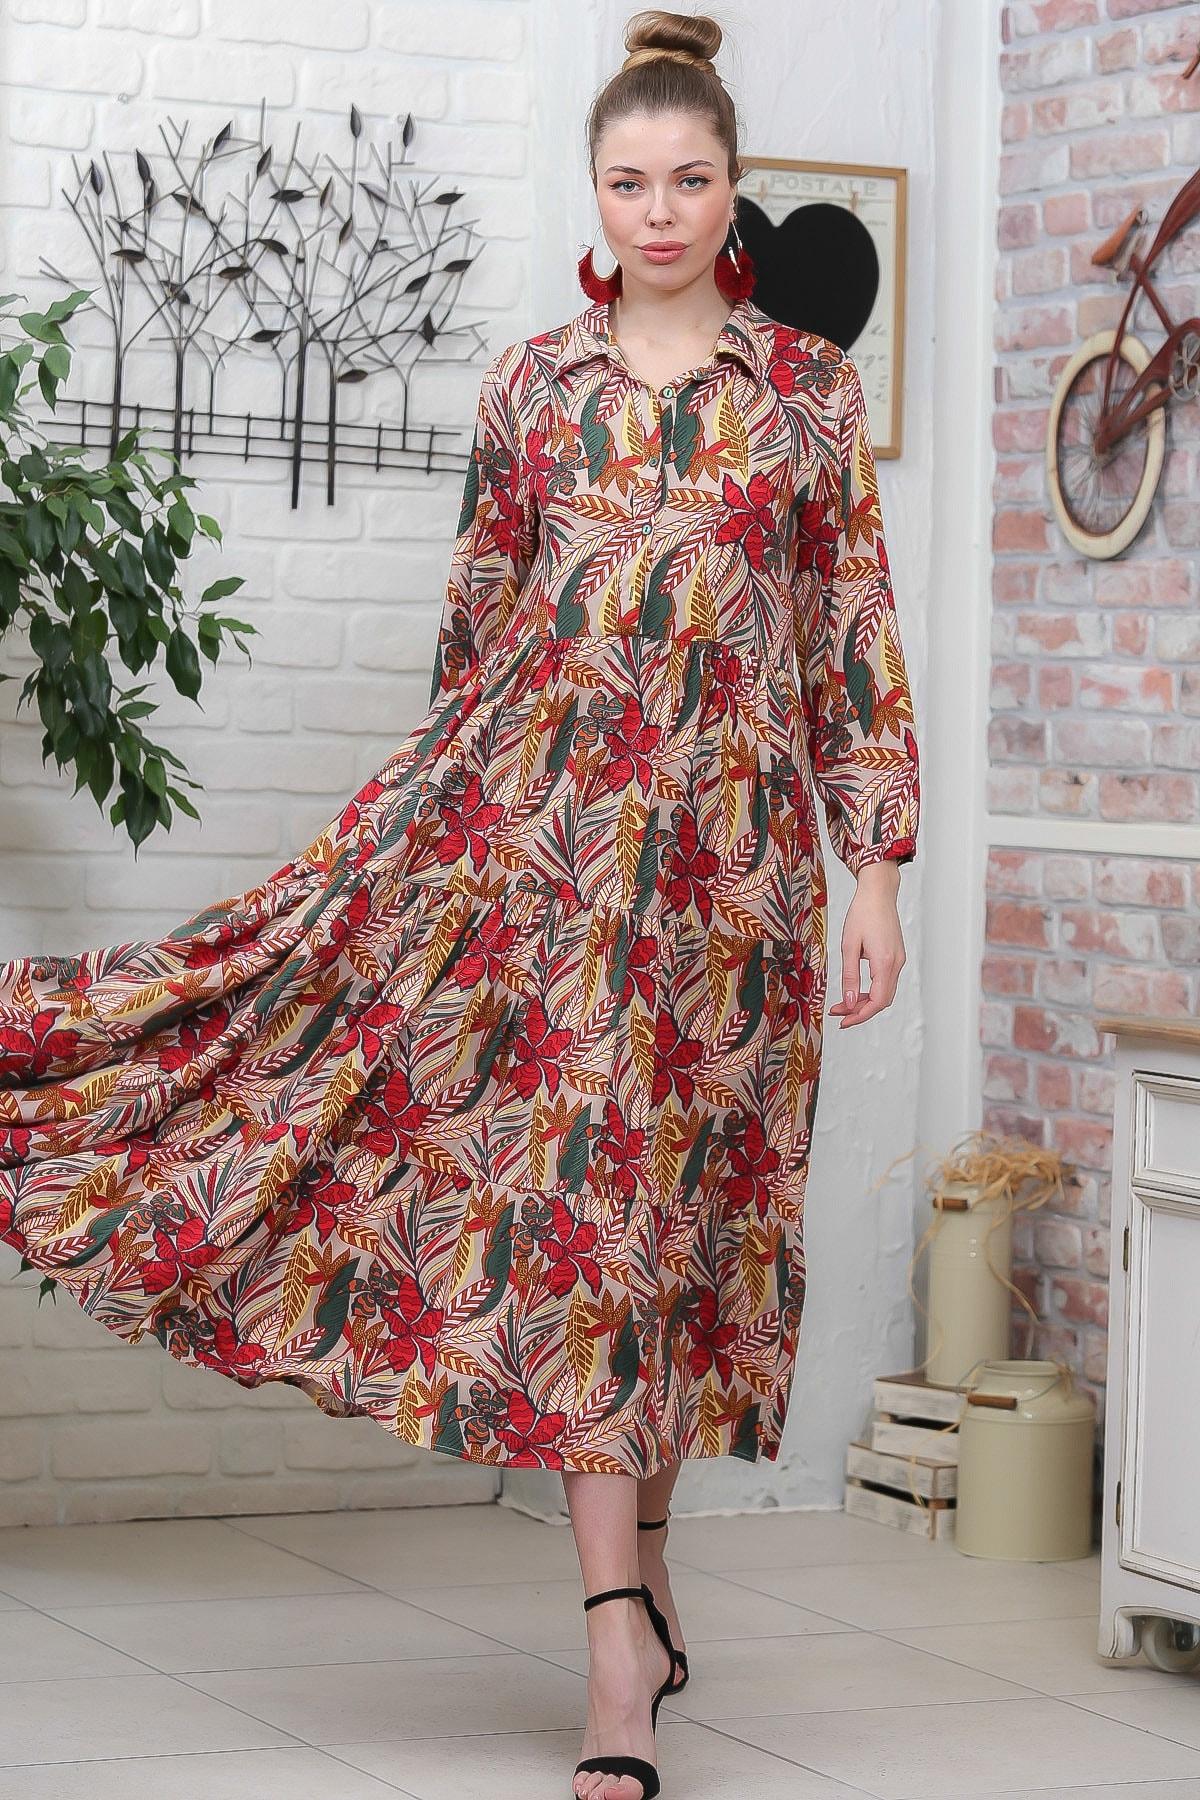 Chiccy Kadın Bej- Kırmızı Yaprak Desen Gömlek Yaka Düğmeli Cepli Kloş Dokuma Elbise M10160000EL95928 1